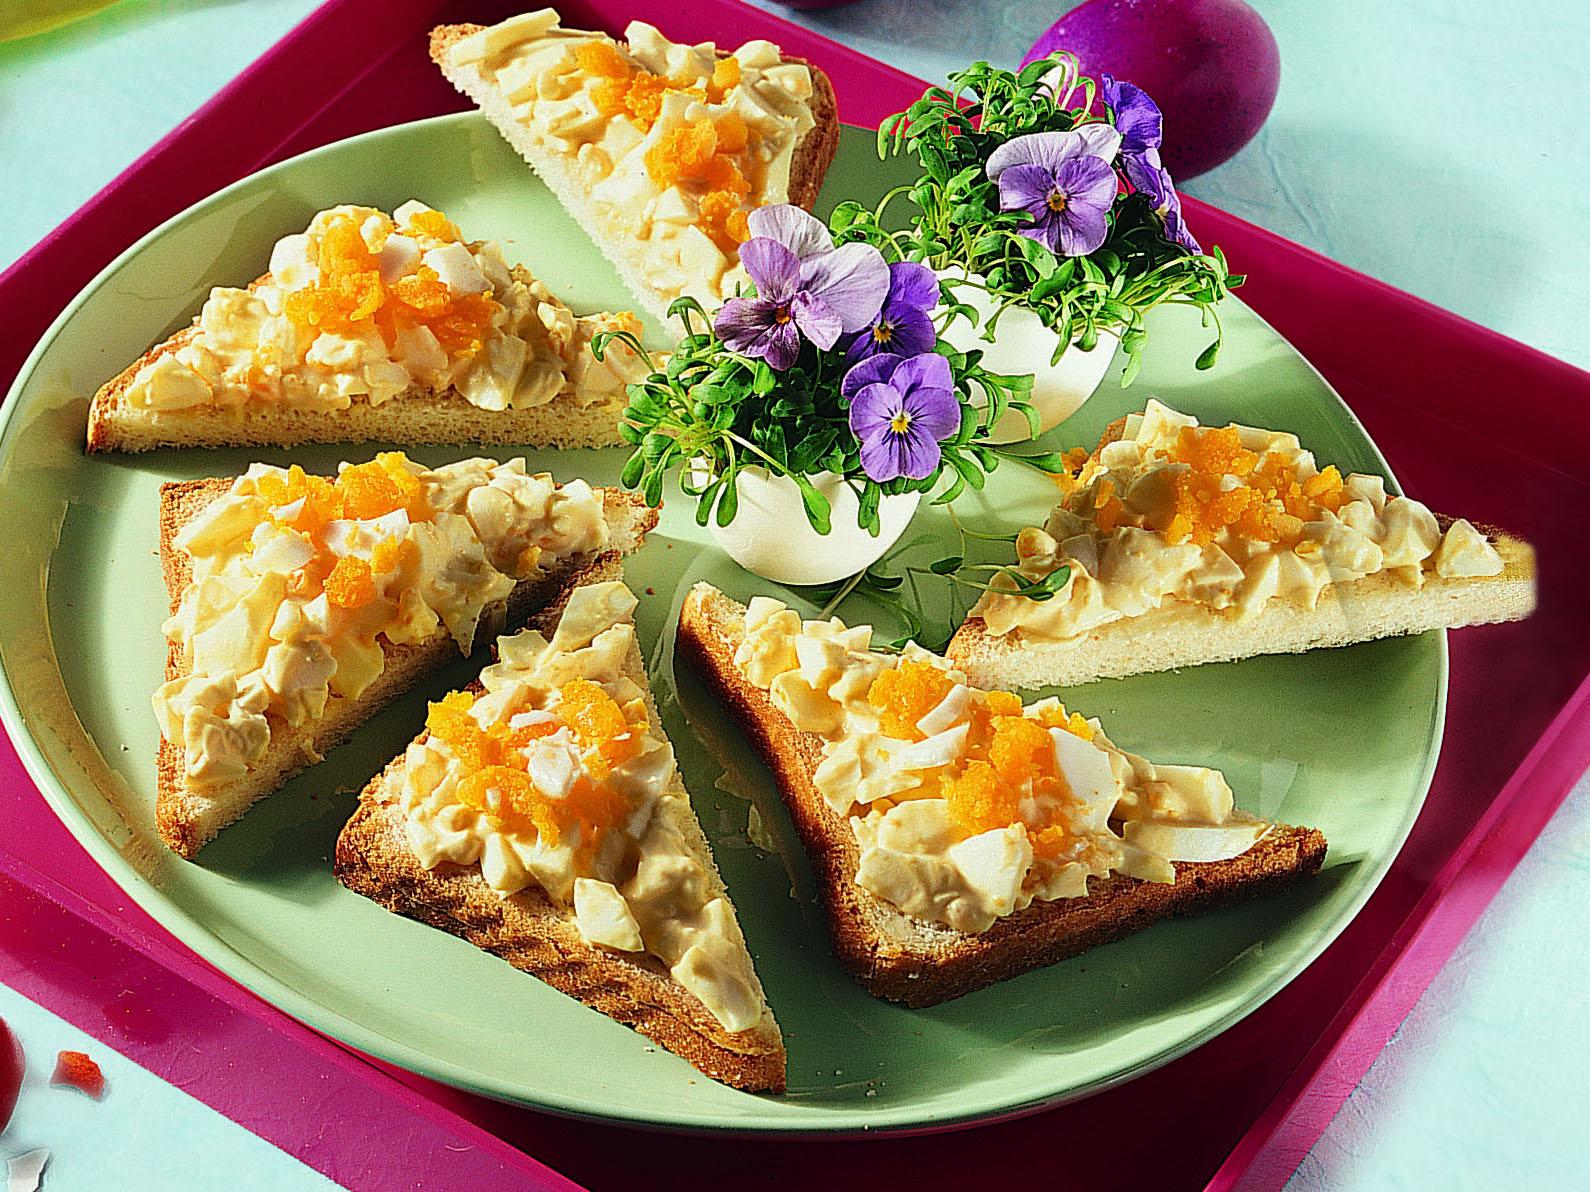 Crostini à la crème aux oeufs